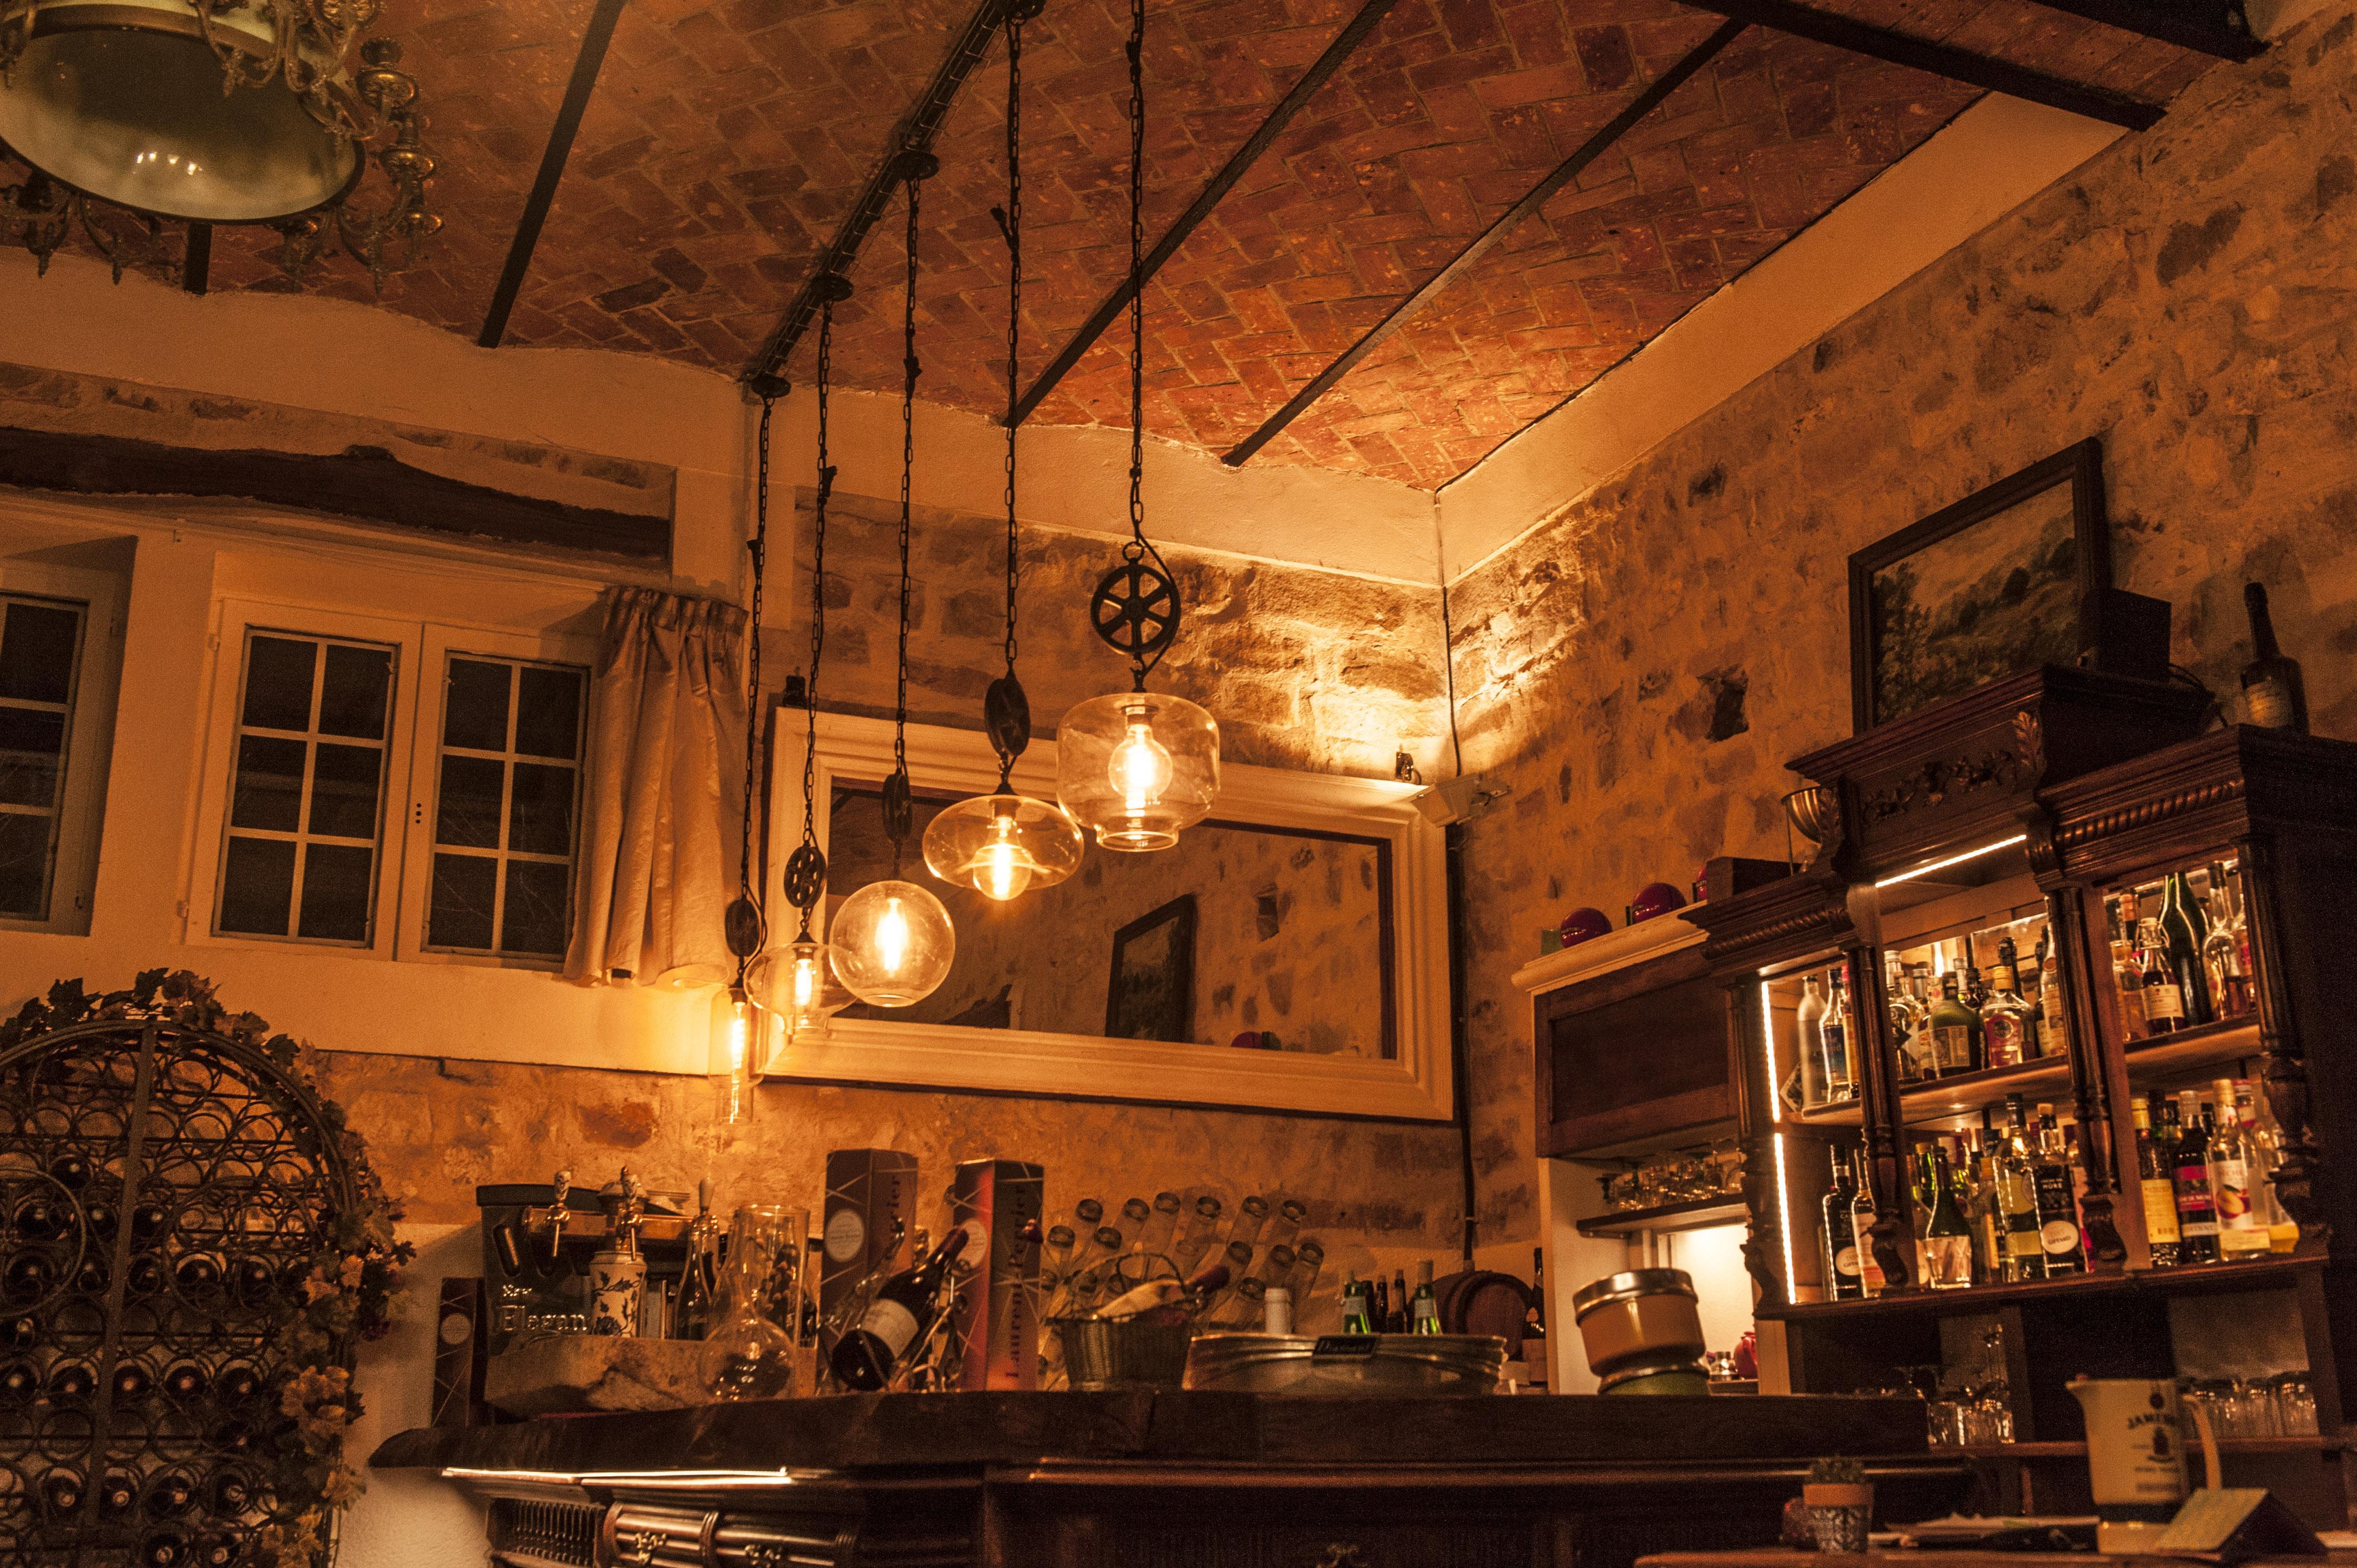 Altes Interieur, topmoderne Leuchten: der Speisesaal von La Marmotte. Foto: Hilke Maunder